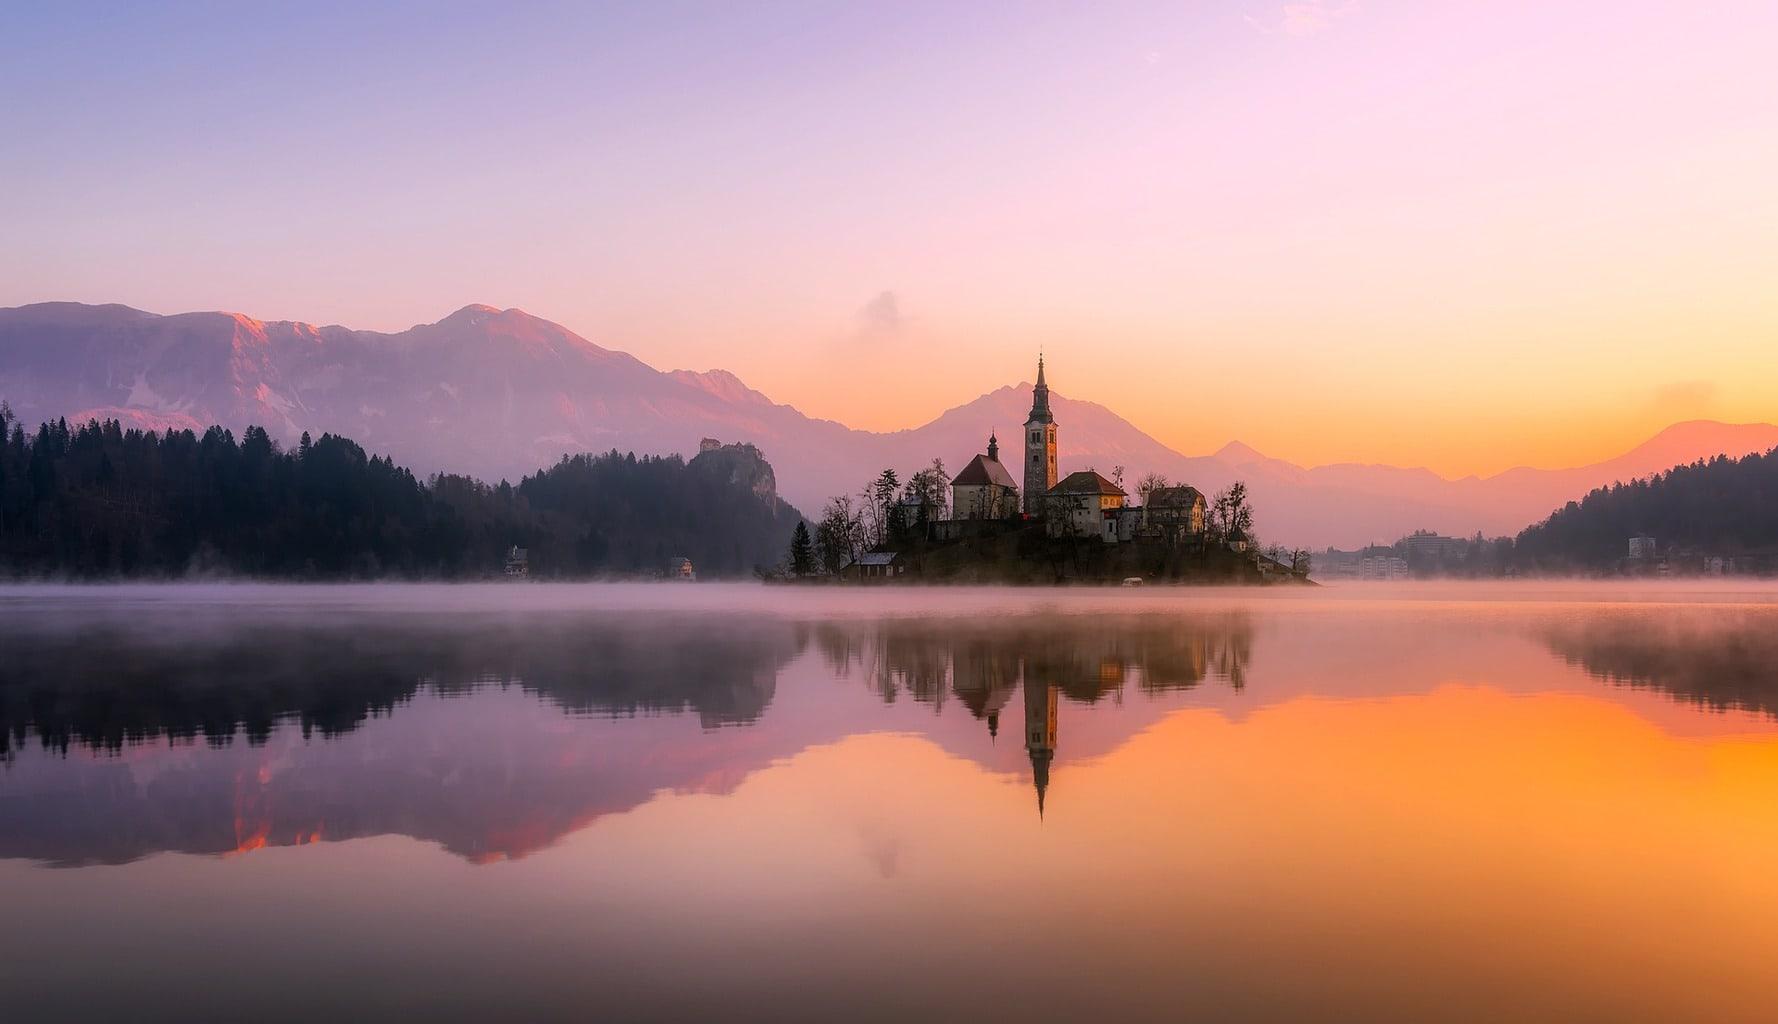 Panorámica de iglesia reflejada en lago con montañas al fondo